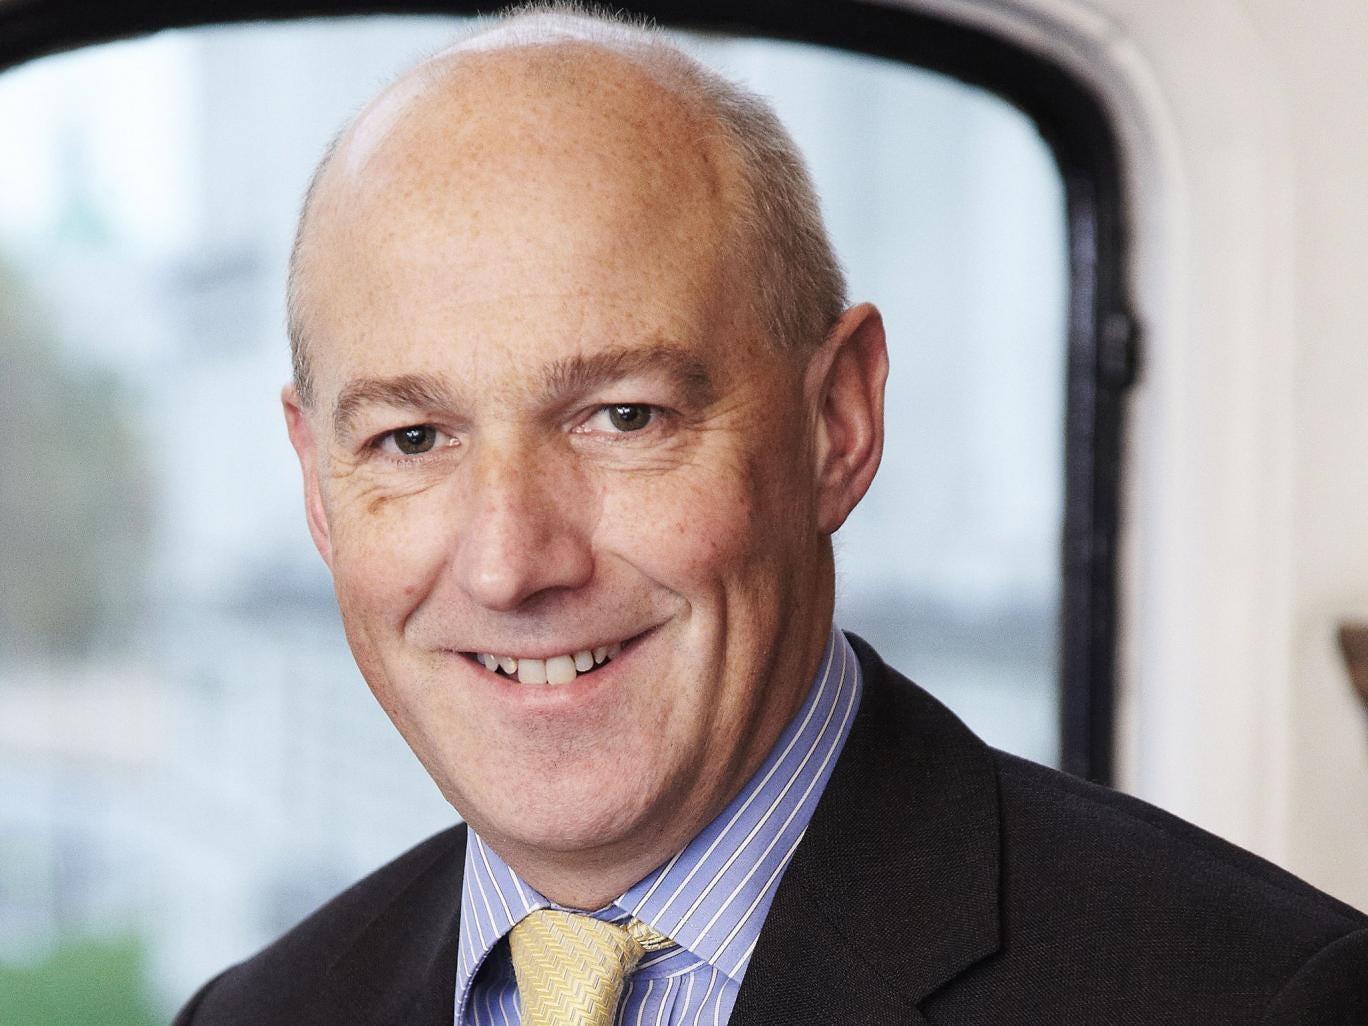 John Stevenson, MP for Carlisle